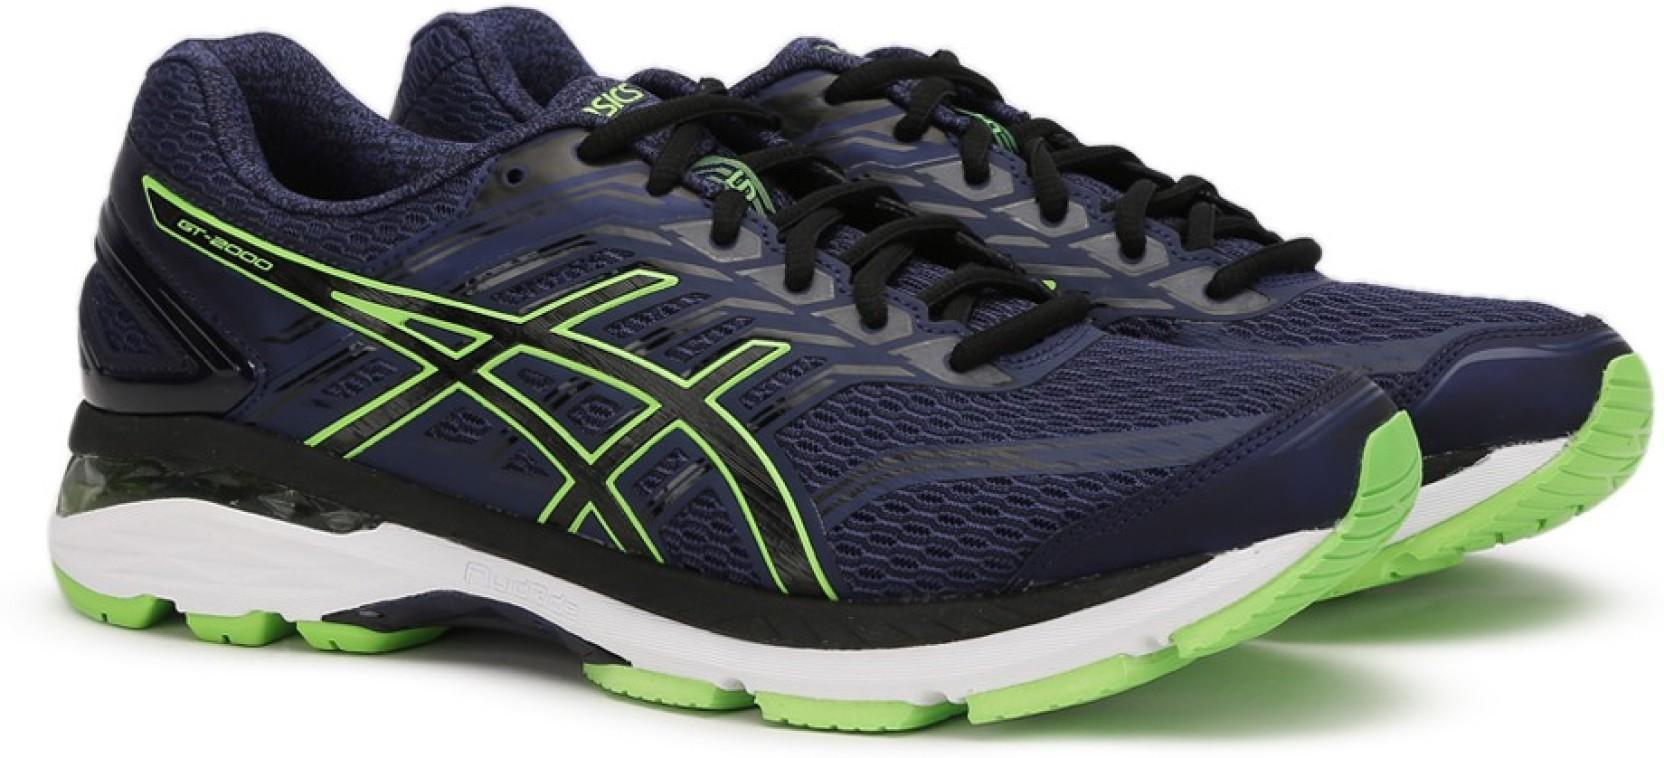 1f5b04f2eae6 Asics Running Shoe For Men - Buy INDIGO BLUE BLACK GREEN GECKO Color ...